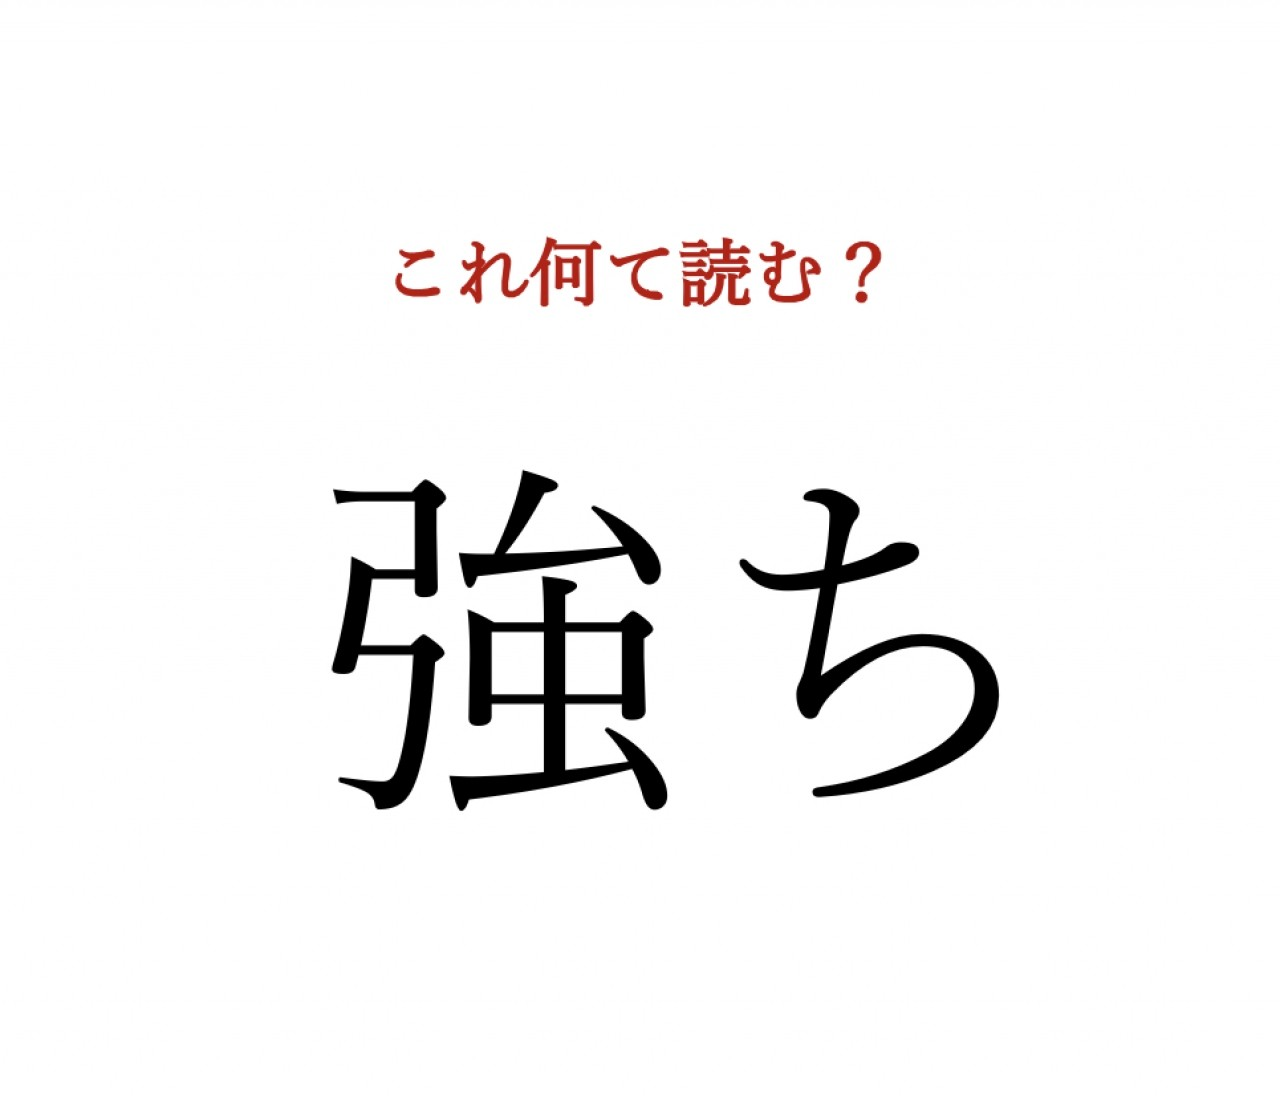 「強ち」:この漢字、自信を持って読めますか?【働く大人の漢字クイズvol.15】